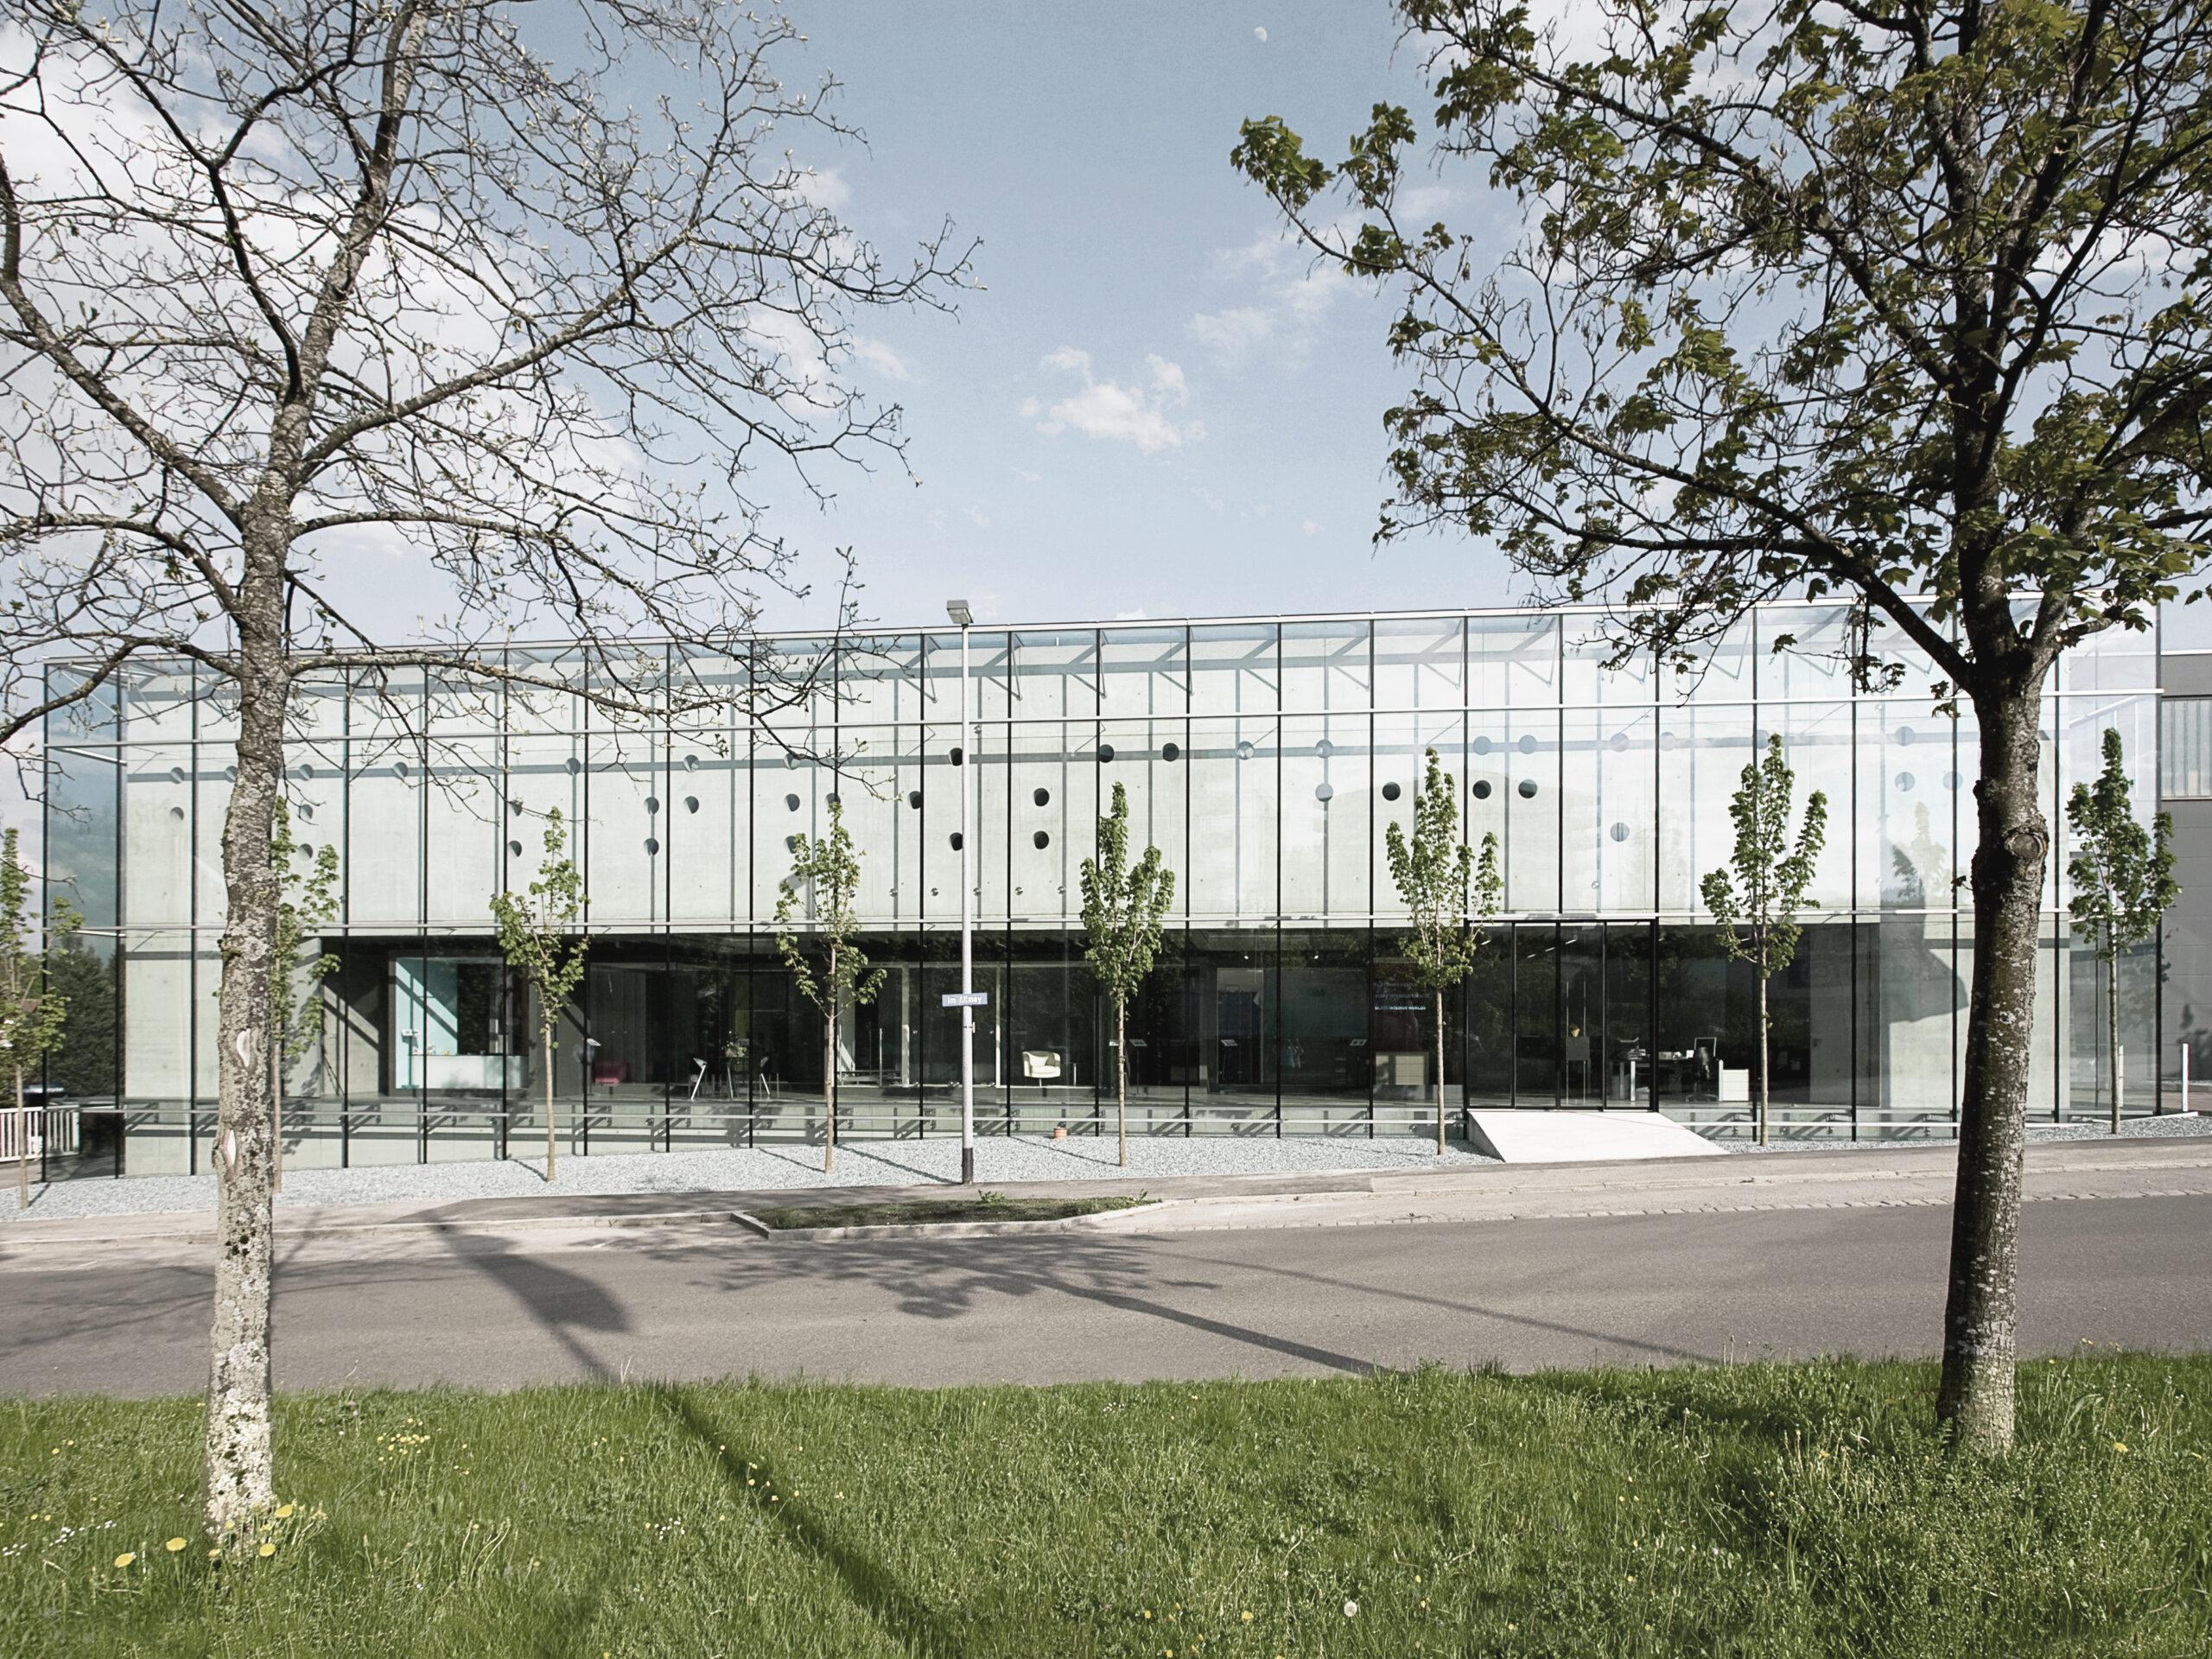 Michael-Becker-Architects-Architekten-Kompetenzzentrum-t-01.2